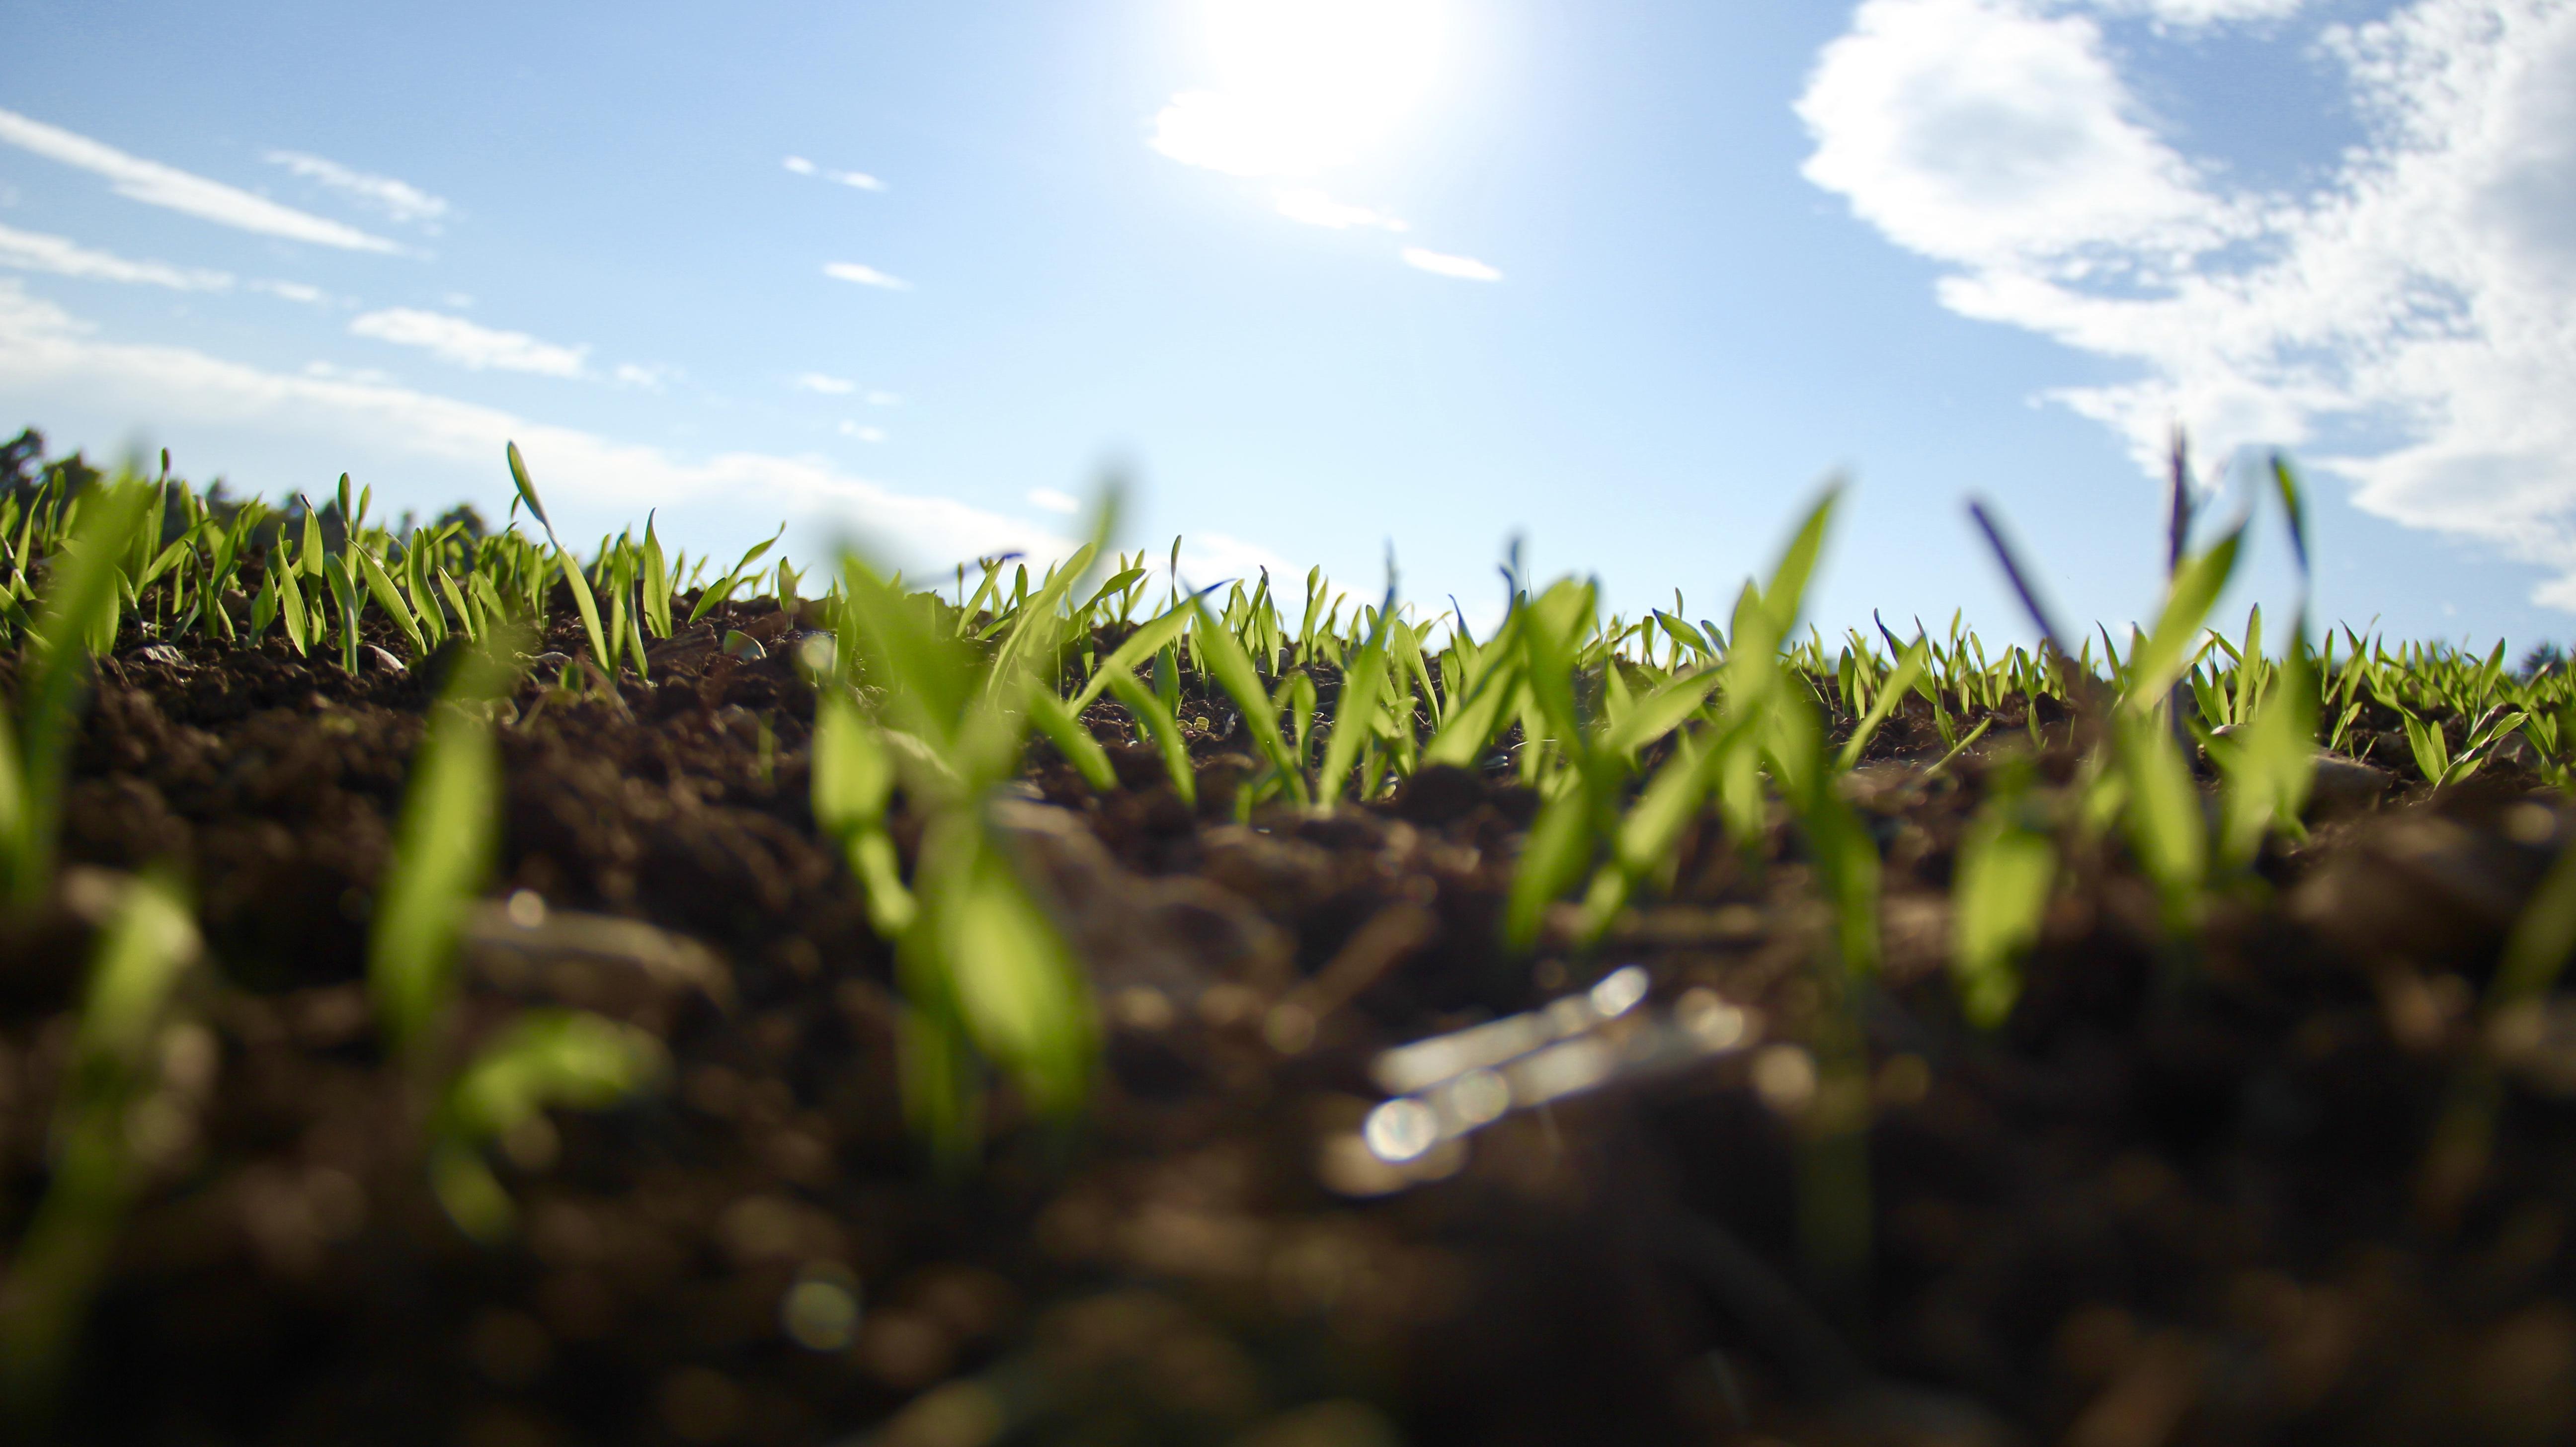 Hierba creciendo